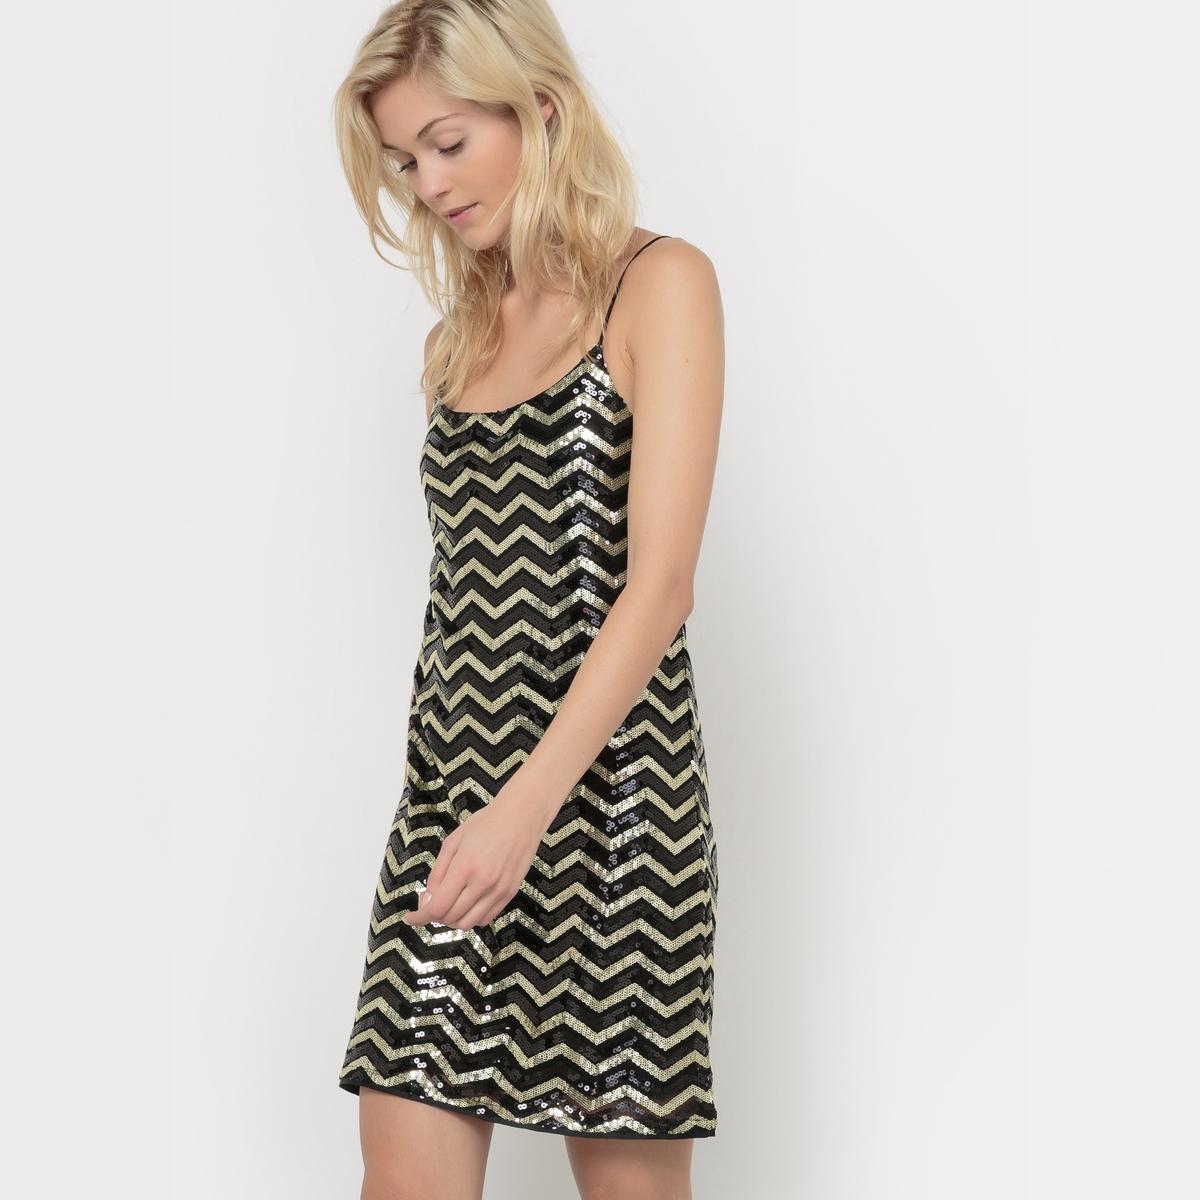 Платье с тонкими бретелямиСостав &amp; ДеталиМатериал        100% полиэстер     Марка        VERO MODA               Уход     Следуйте рекомендациям по уходу, указанным на этикетке изделия.<br><br>Цвет: черный/золотистый<br>Размер: S